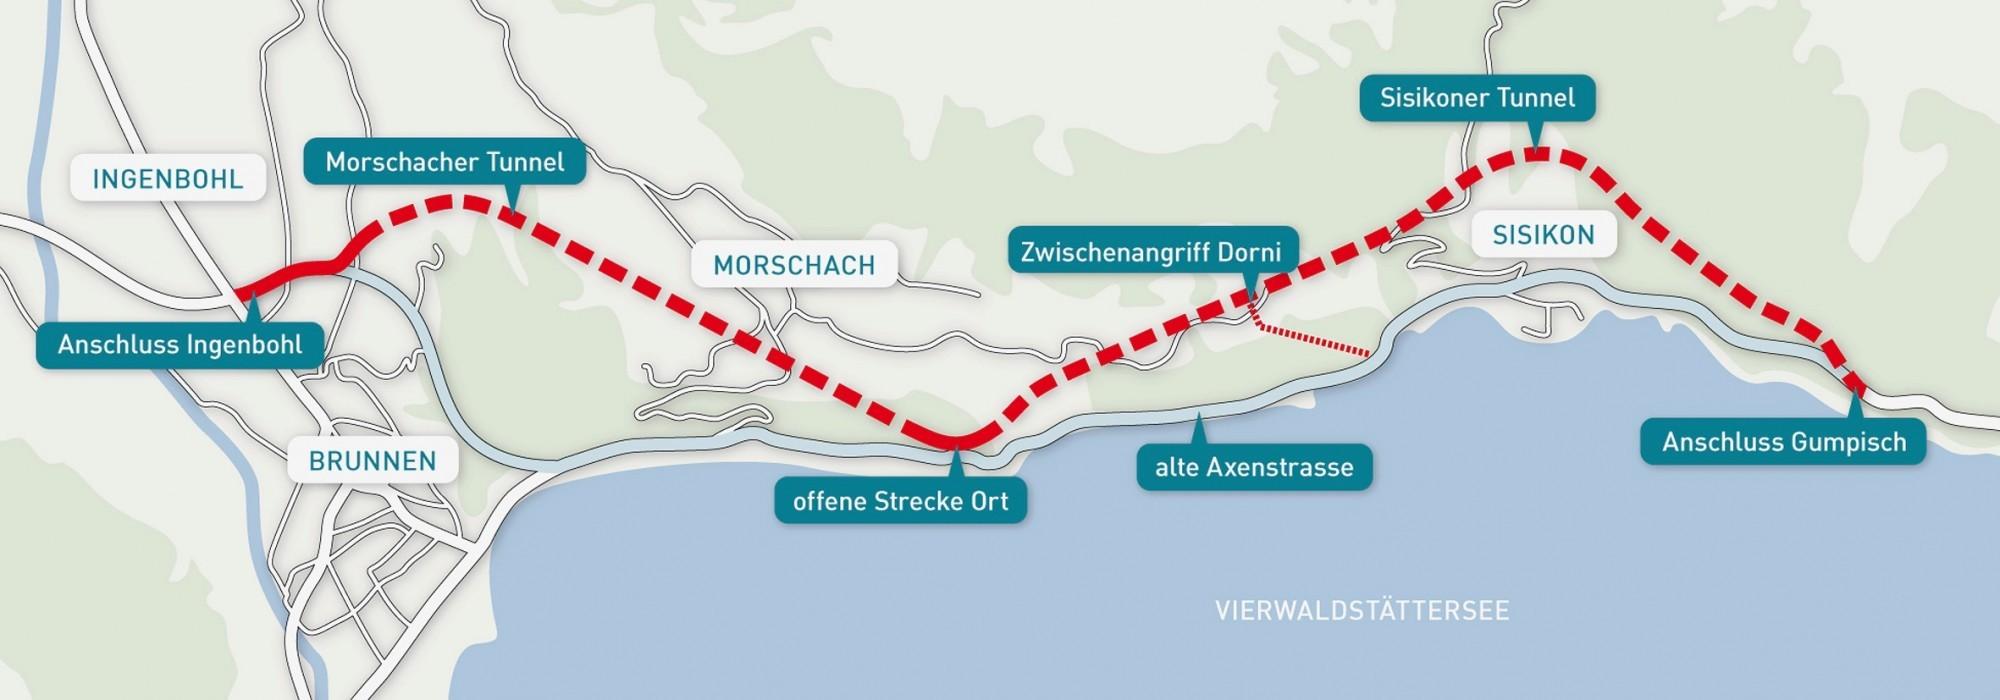 Axenstrasse, geplante Linienführung